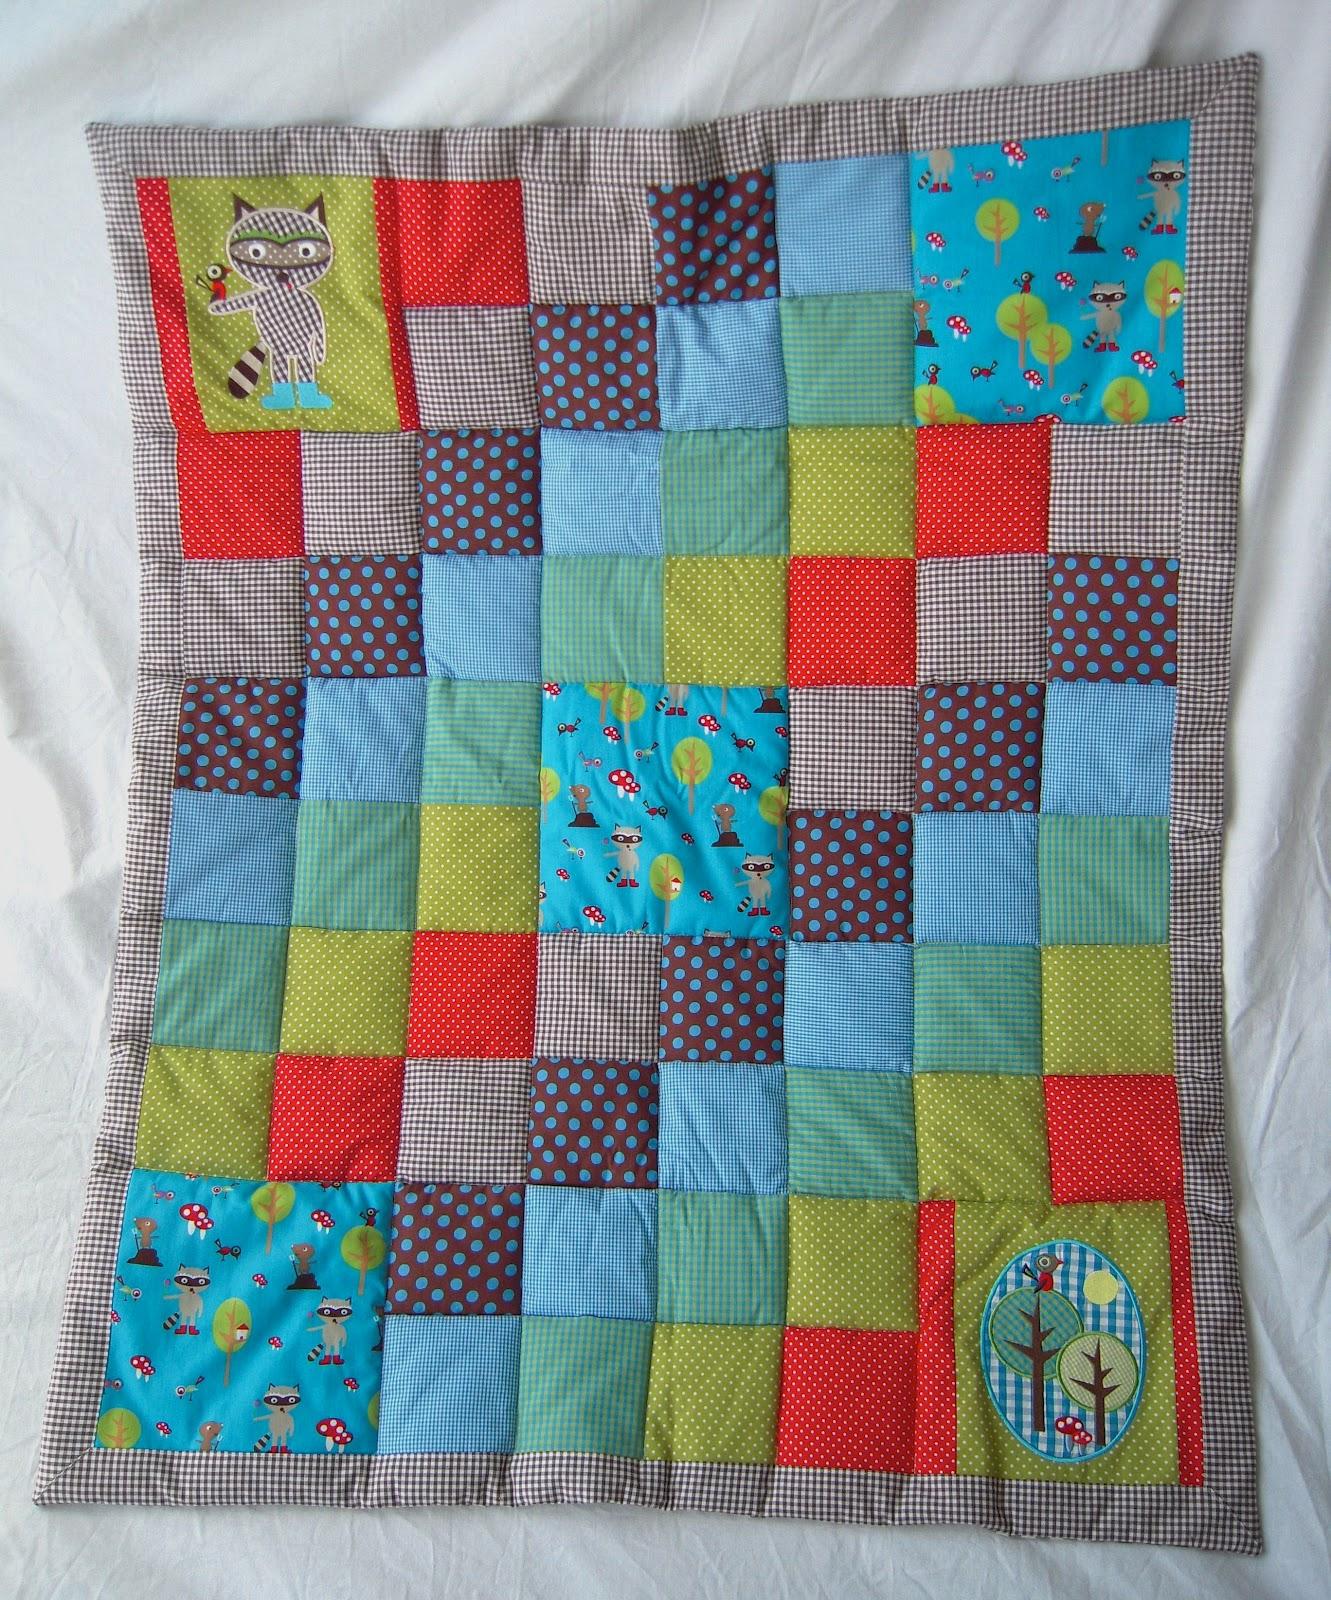 d 39 inge patchwork babydecke waschb r. Black Bedroom Furniture Sets. Home Design Ideas